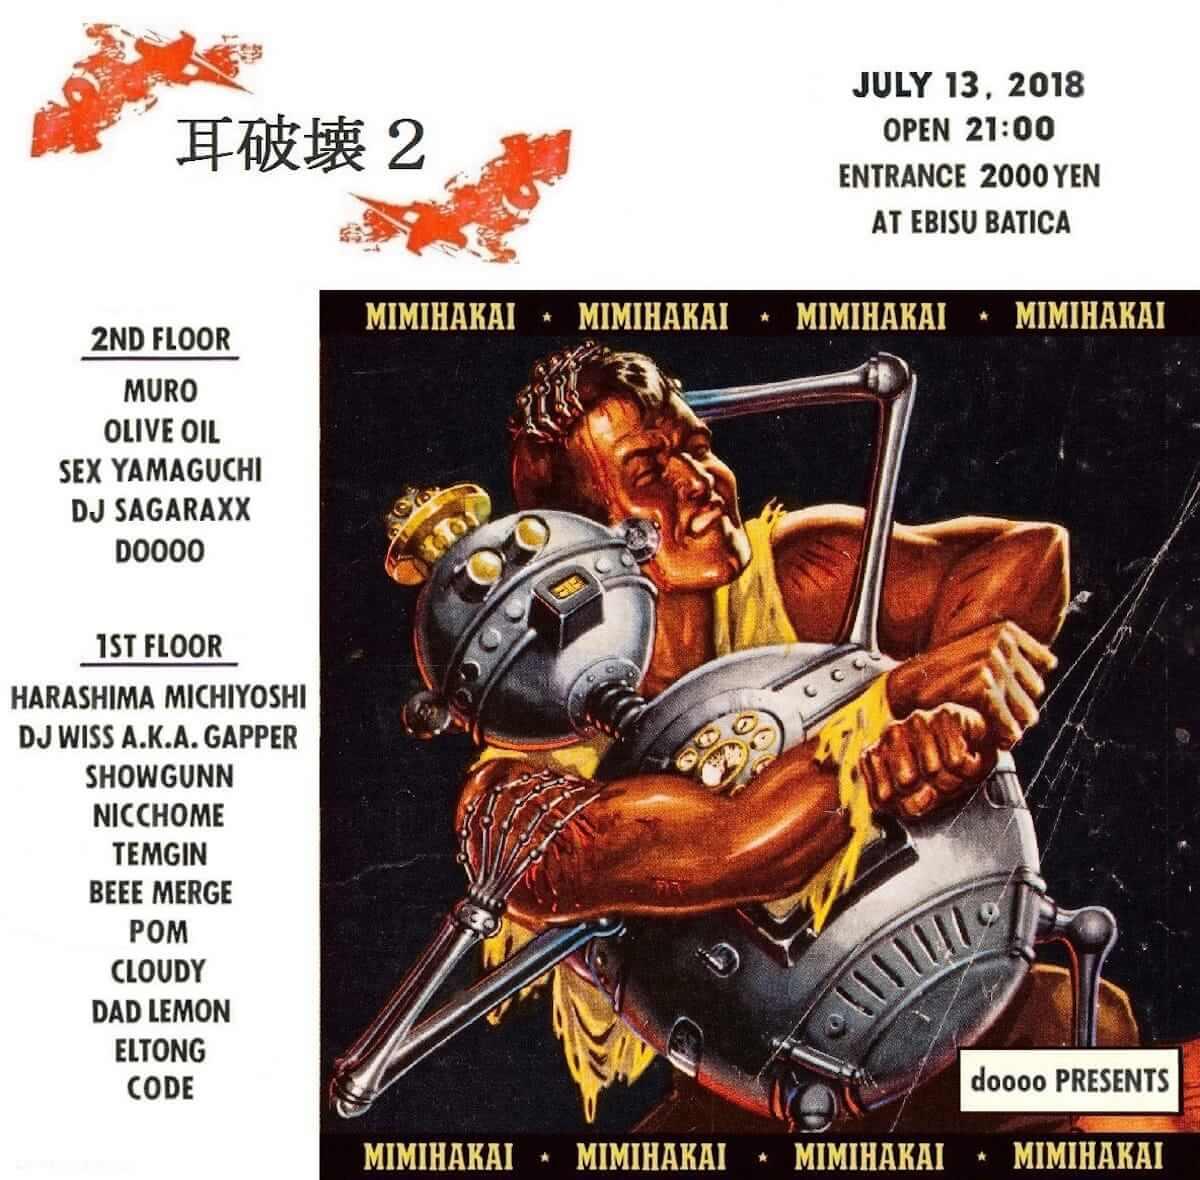 7月13日の金曜日にビートメイカーdoooo主催のイベント「耳破壊2」が開催 MUROやOLIVE OIL、SEX山口、DJ SAGARAXXらが出演 music180627_doooo_-1200x1180